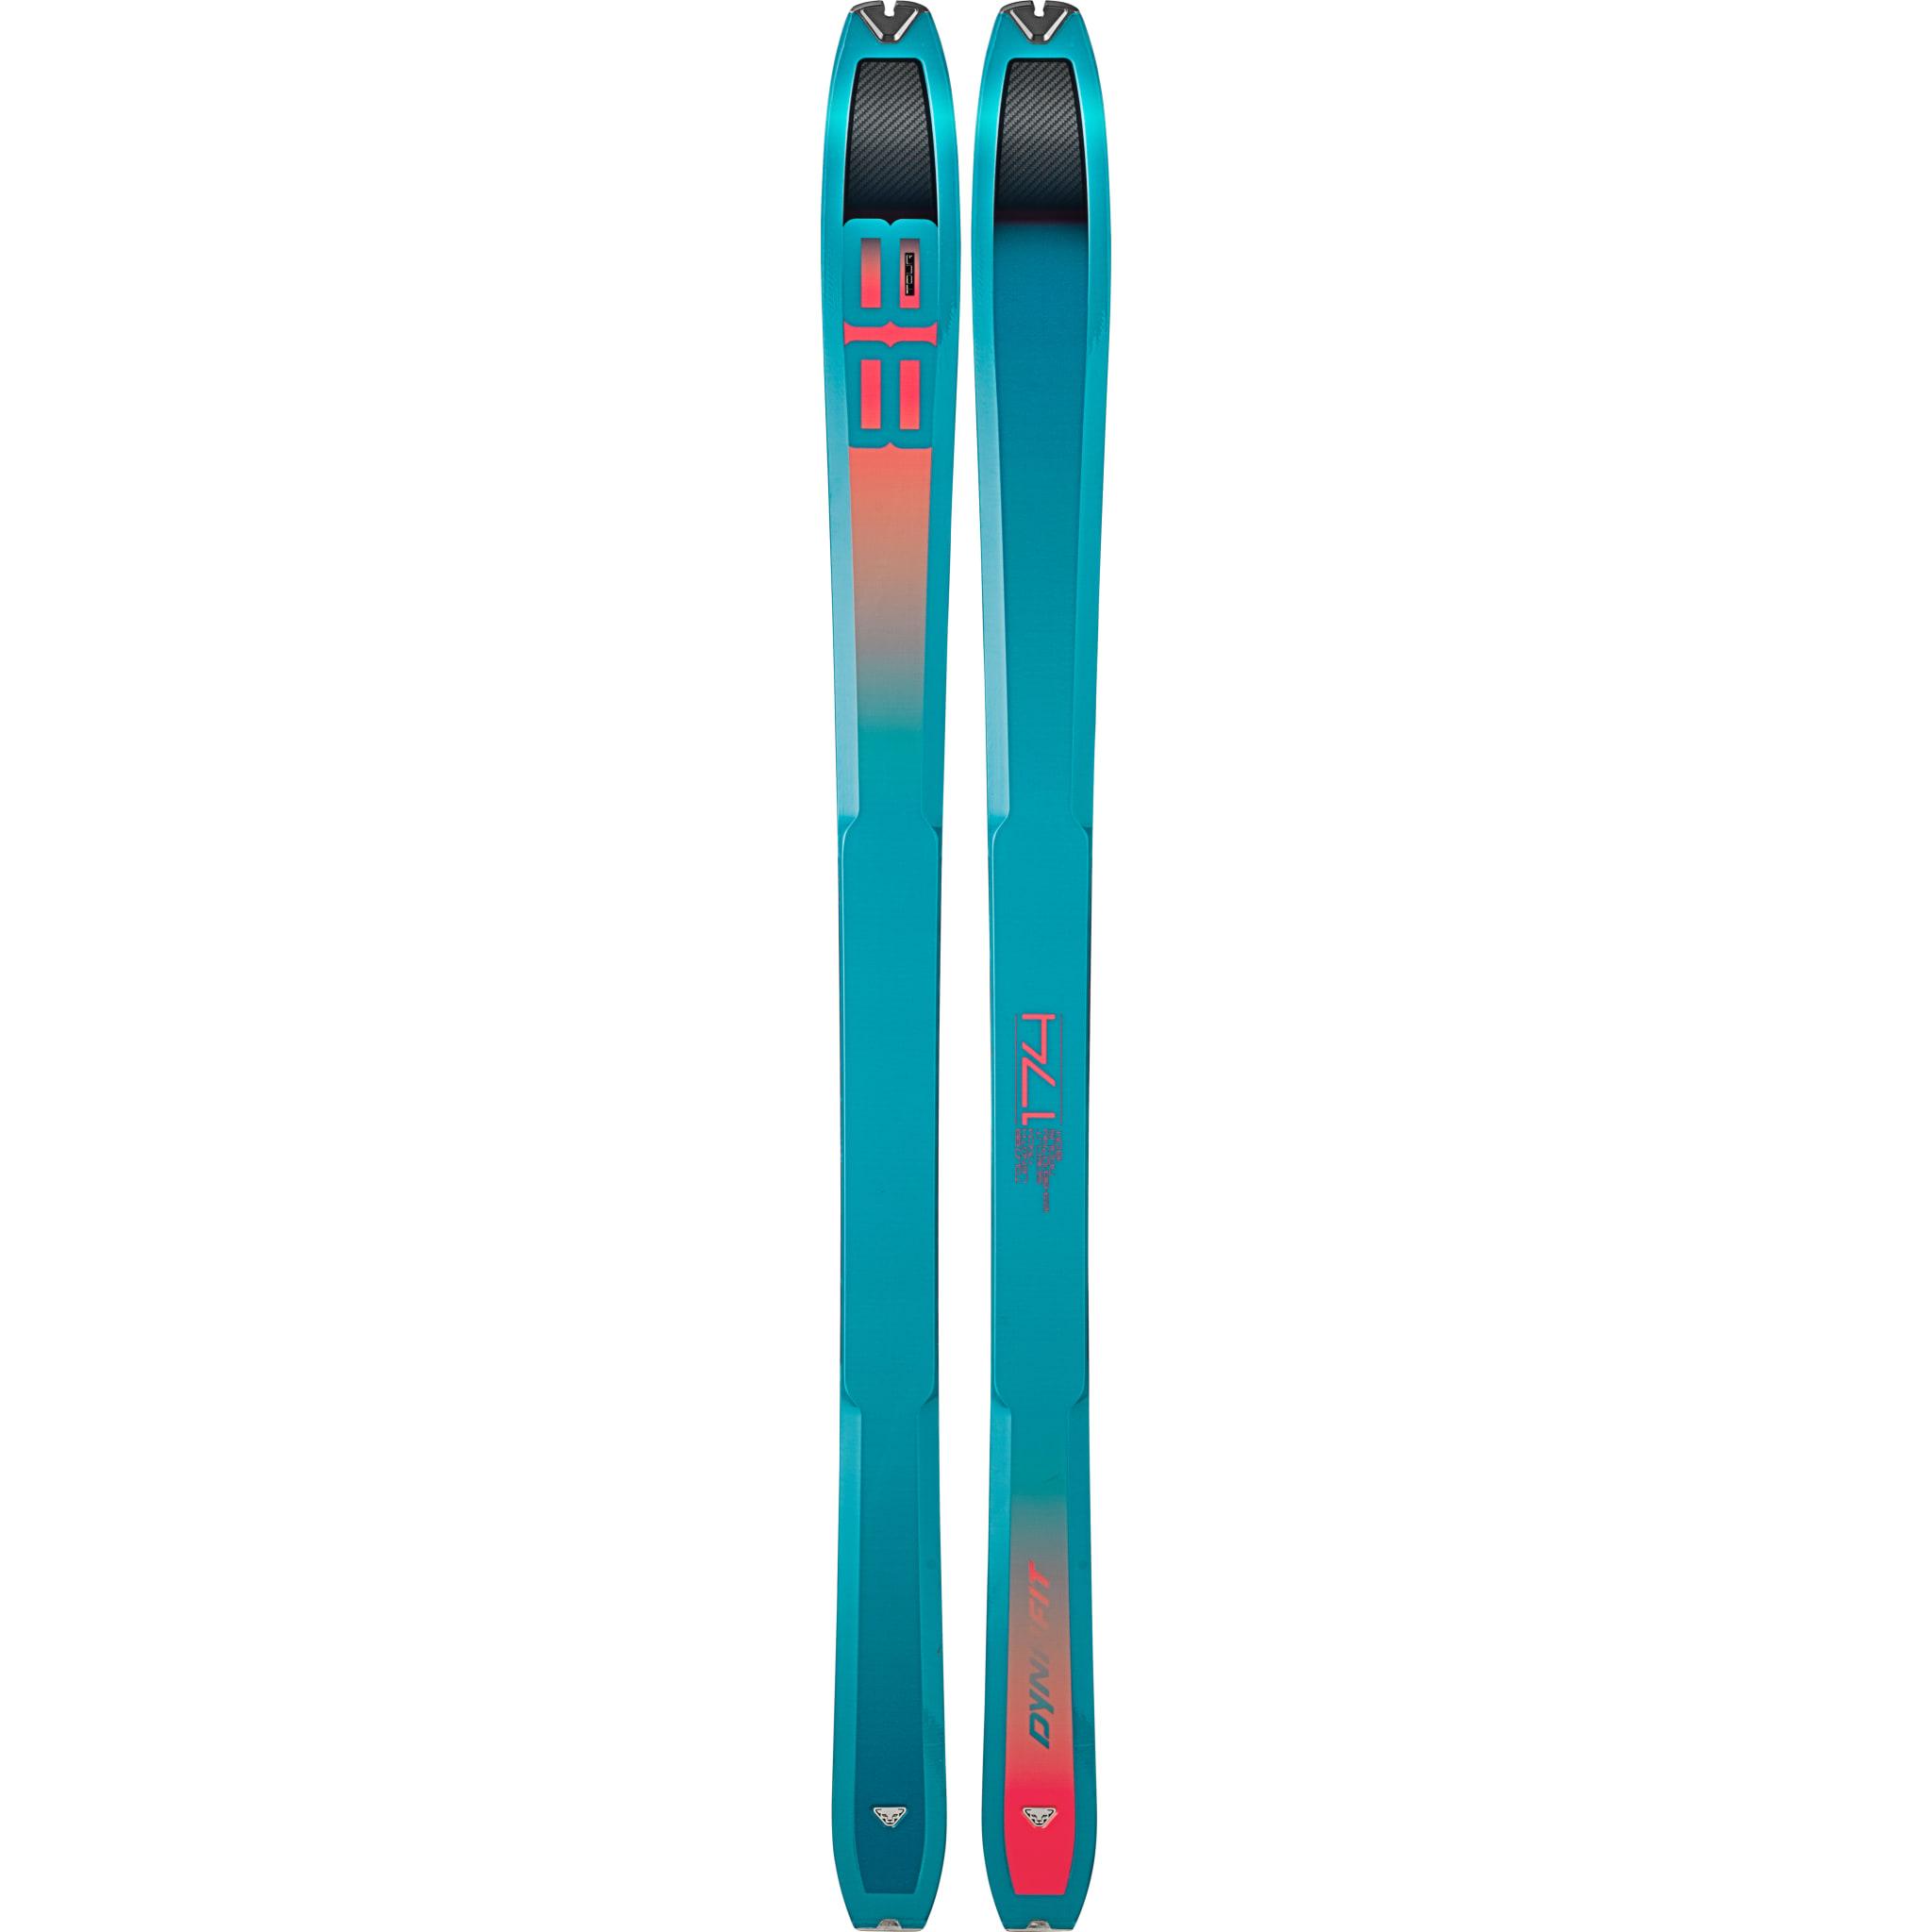 Super ski for hverdagshelter og innholdsrike helger